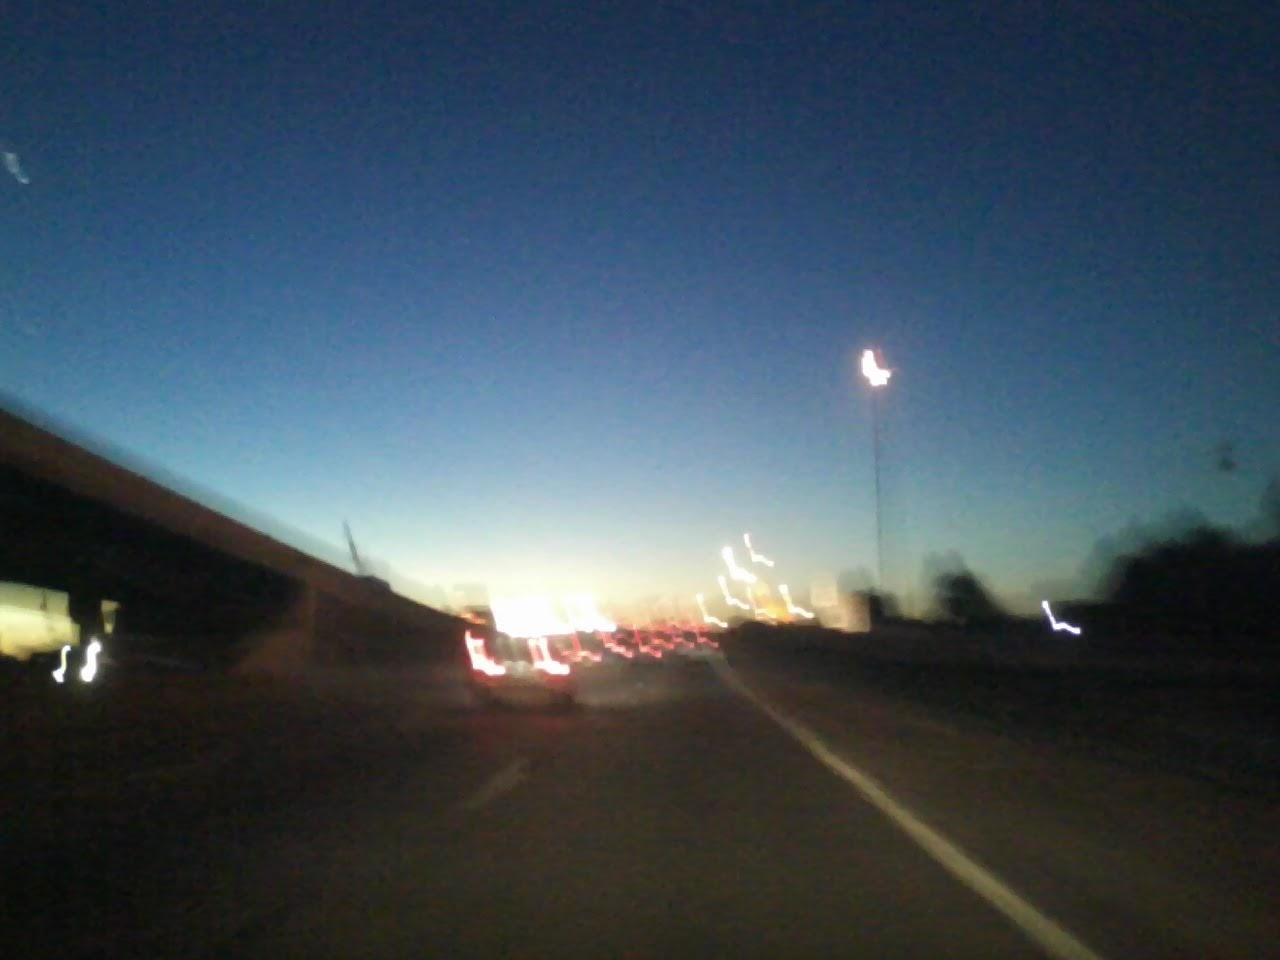 Sky - 1017065628.jpg